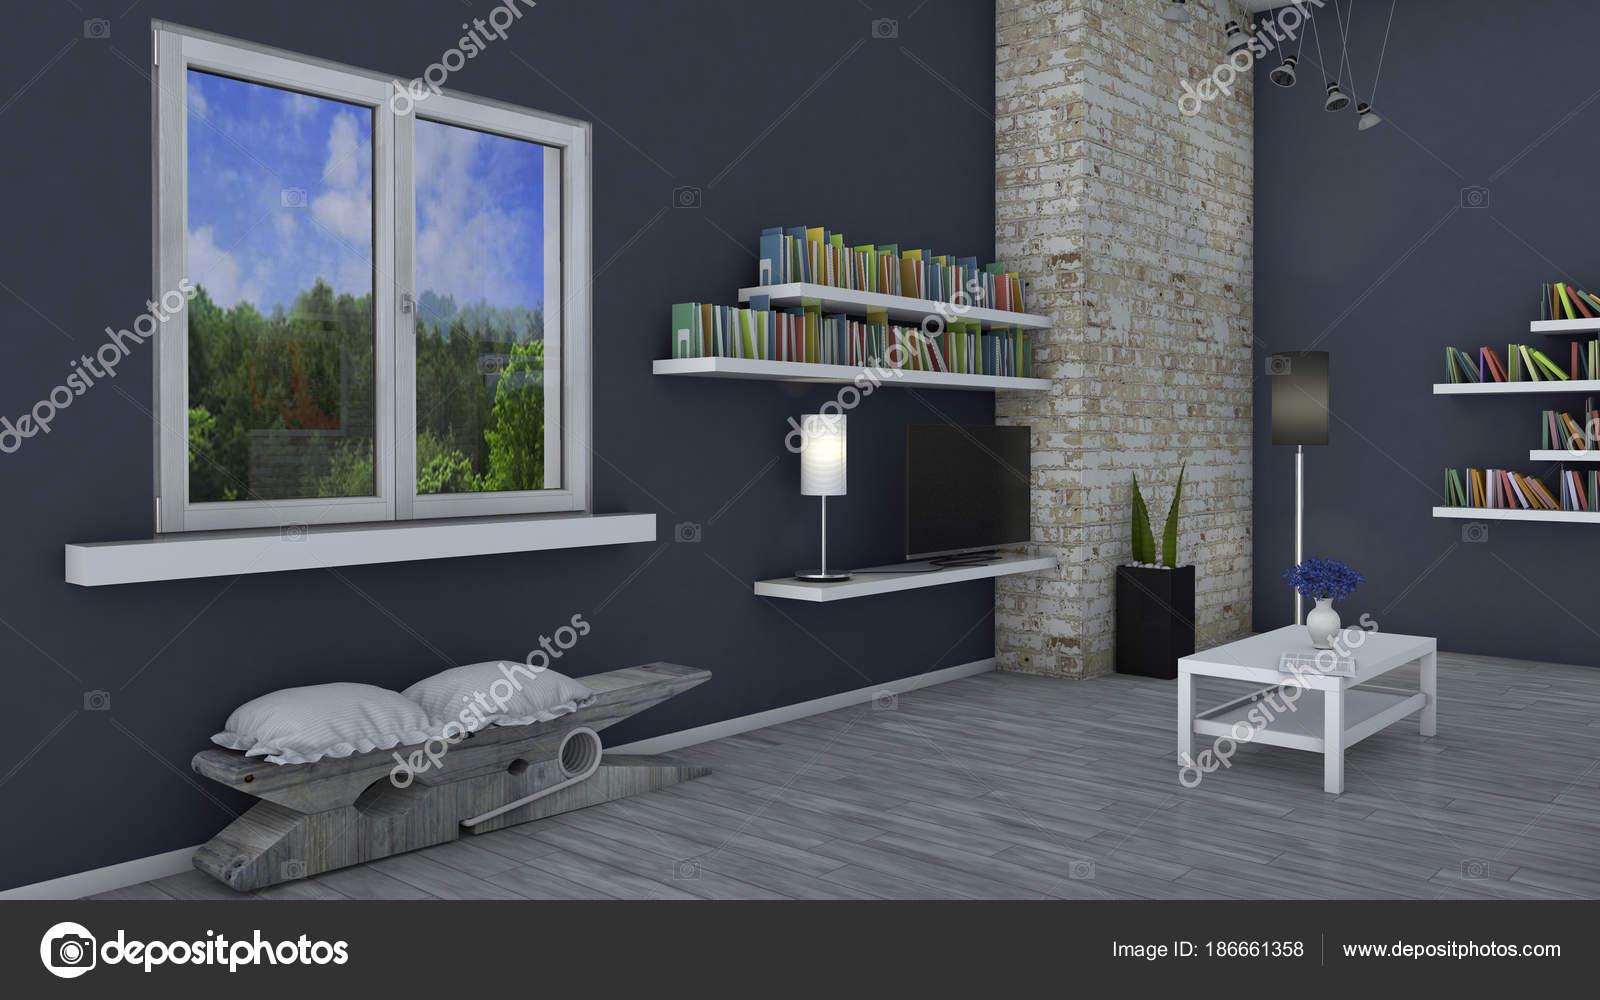 Innenarchitektur Wohnzimmer Und Moderne Möbel Wand Fenster Mit Blick ...